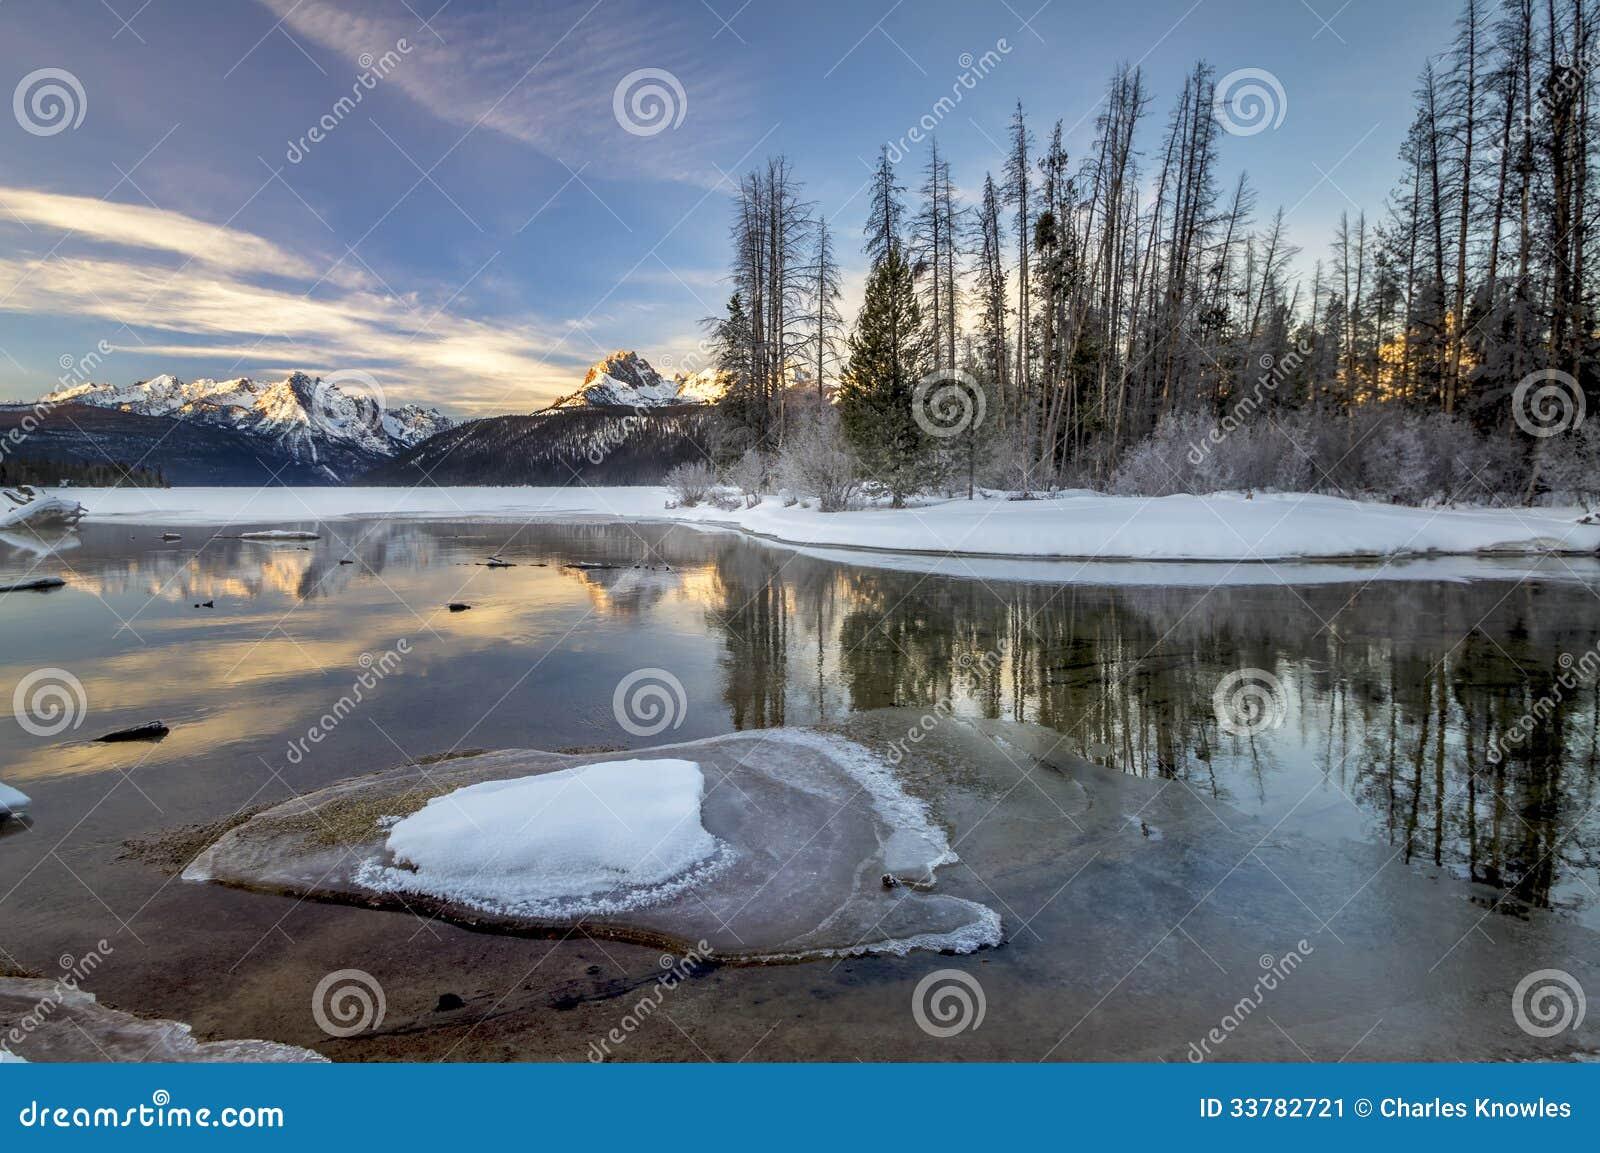 winter snow lake mountain - photo #29